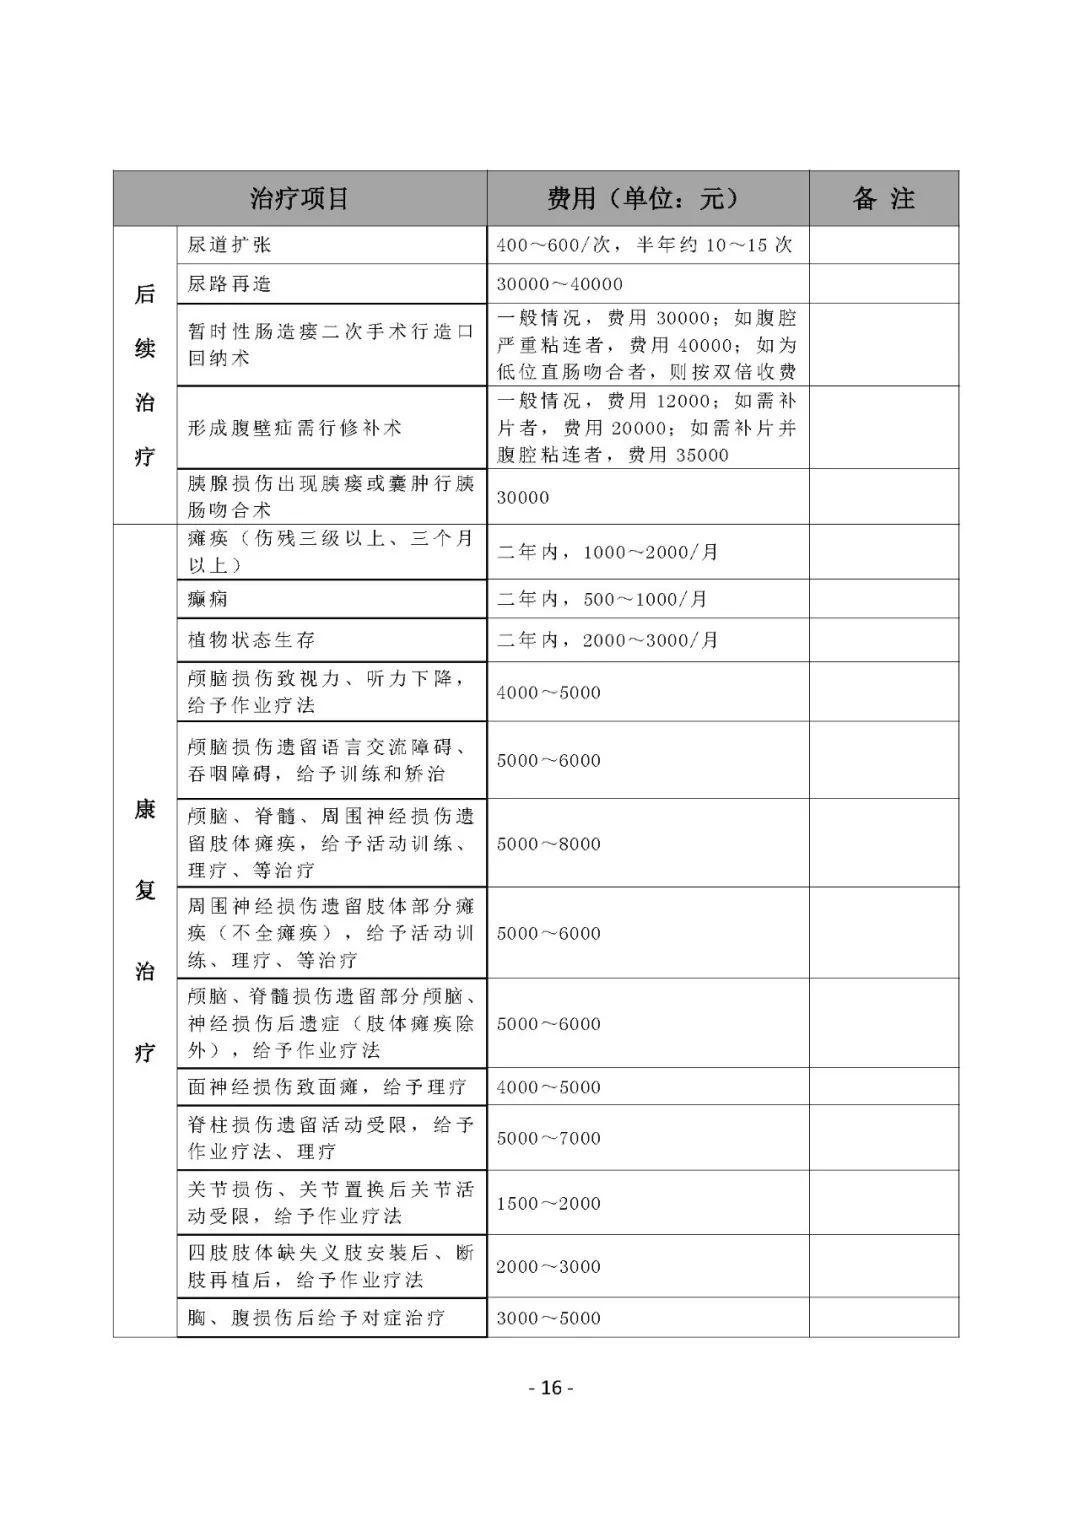 广东省司法鉴定协会 关于发布《法医临床司法鉴定行业指引(修订版)》的通知)》 粤鉴协【2018】31号 16